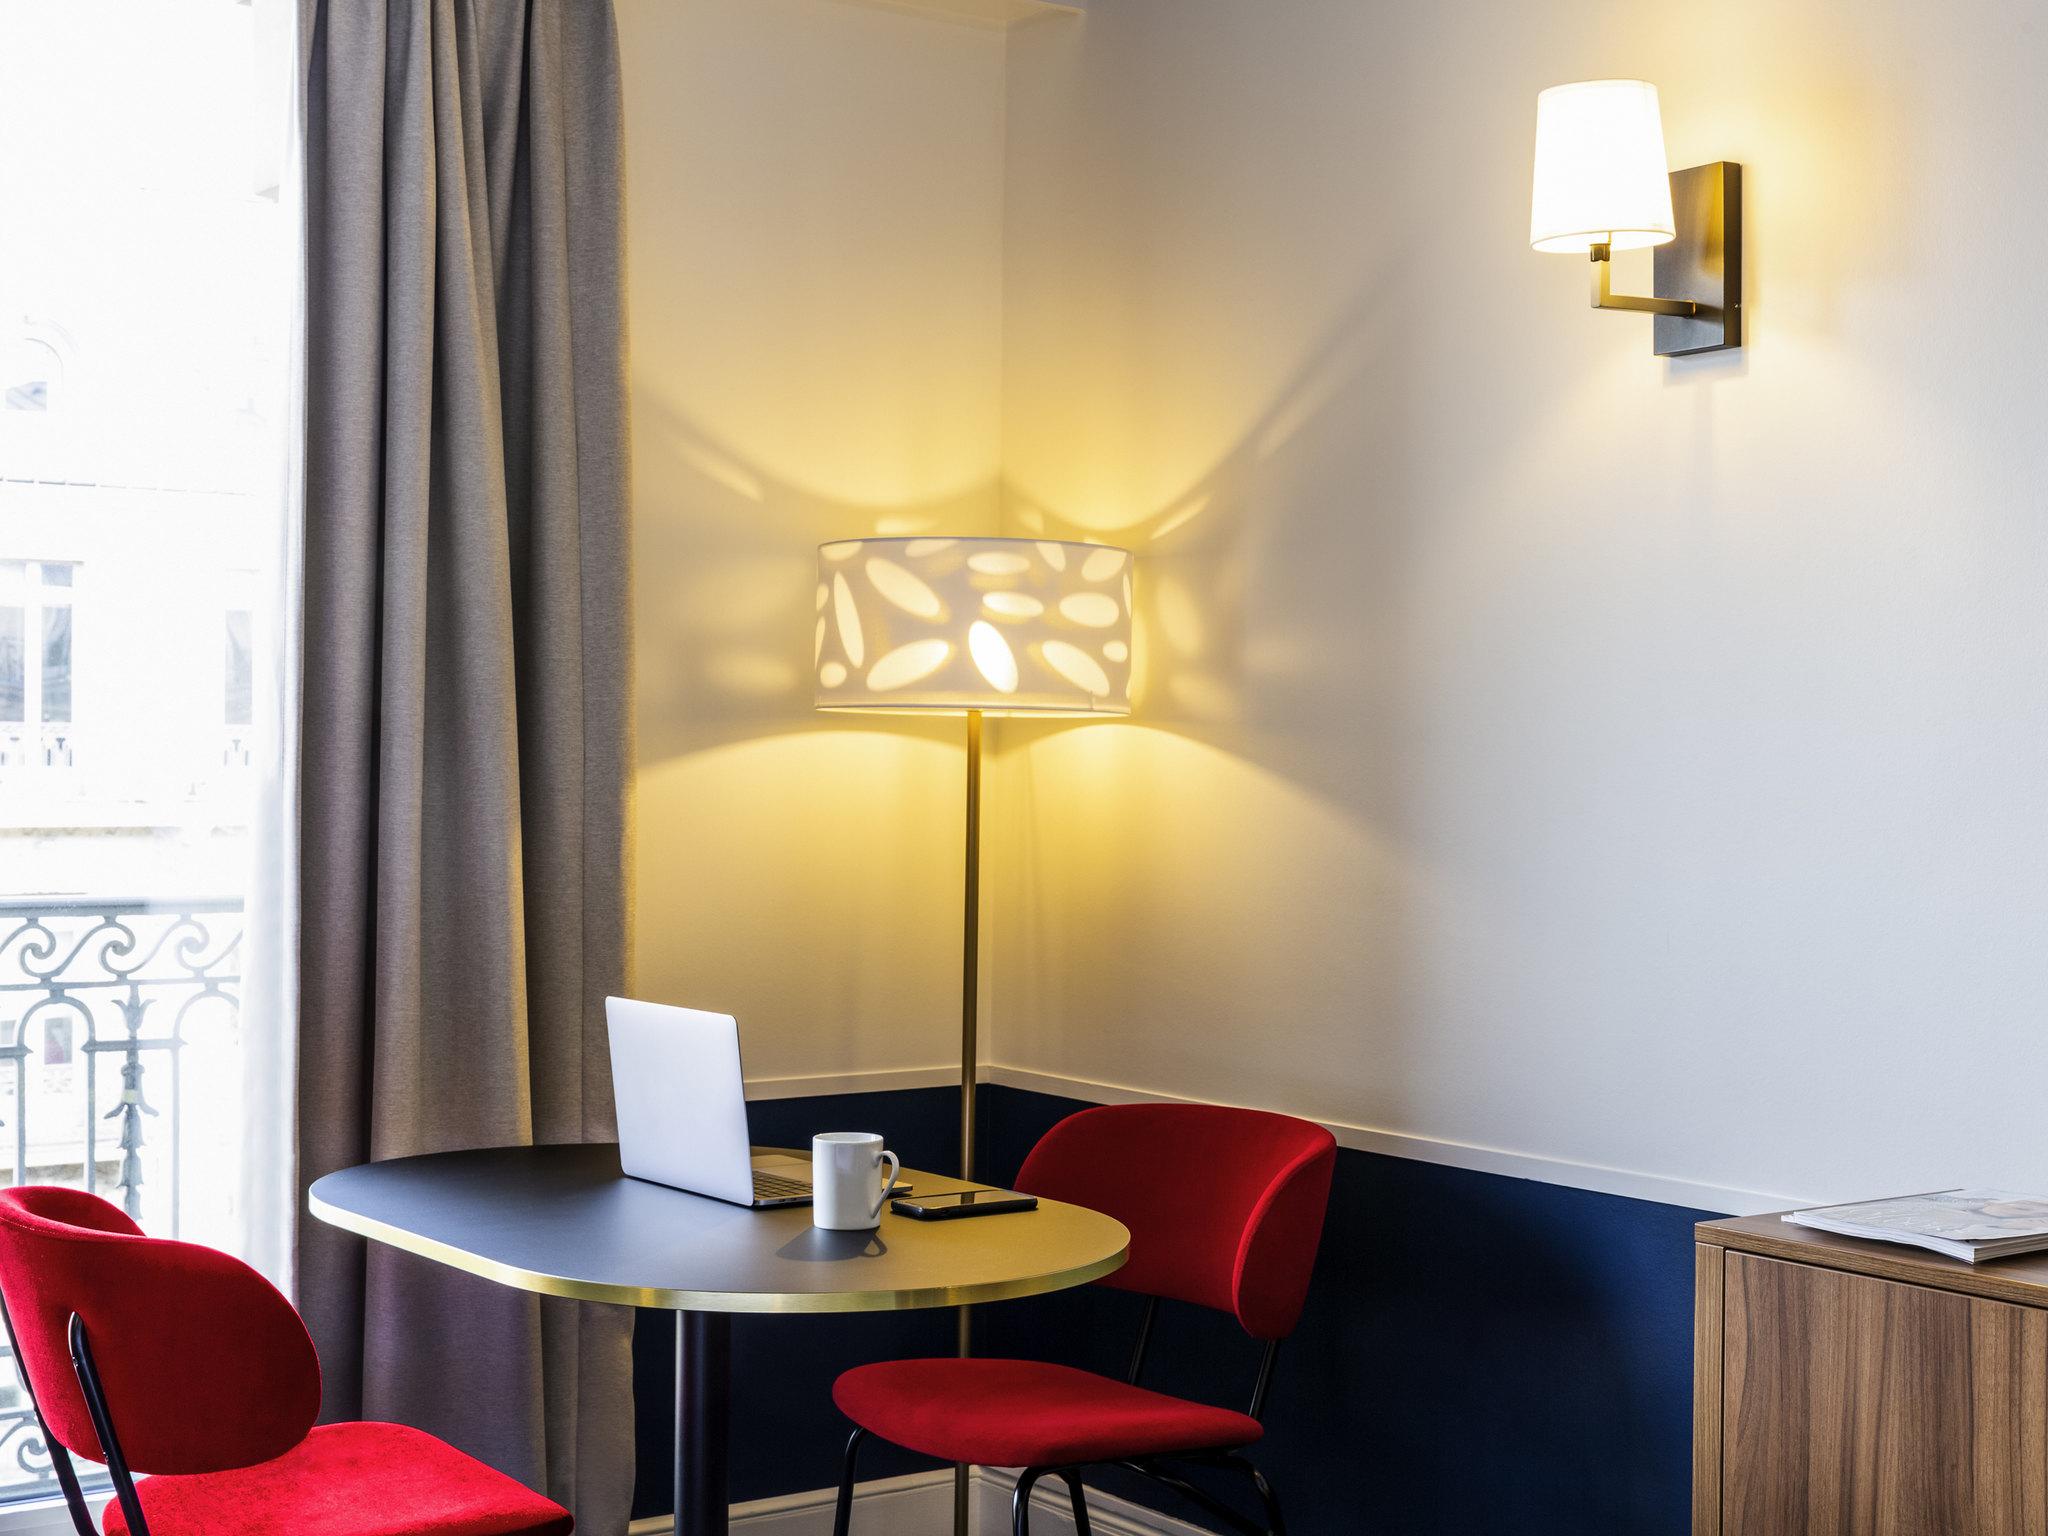 Hotel in PARIS - Aparthotel Adagio Paris Haussmann